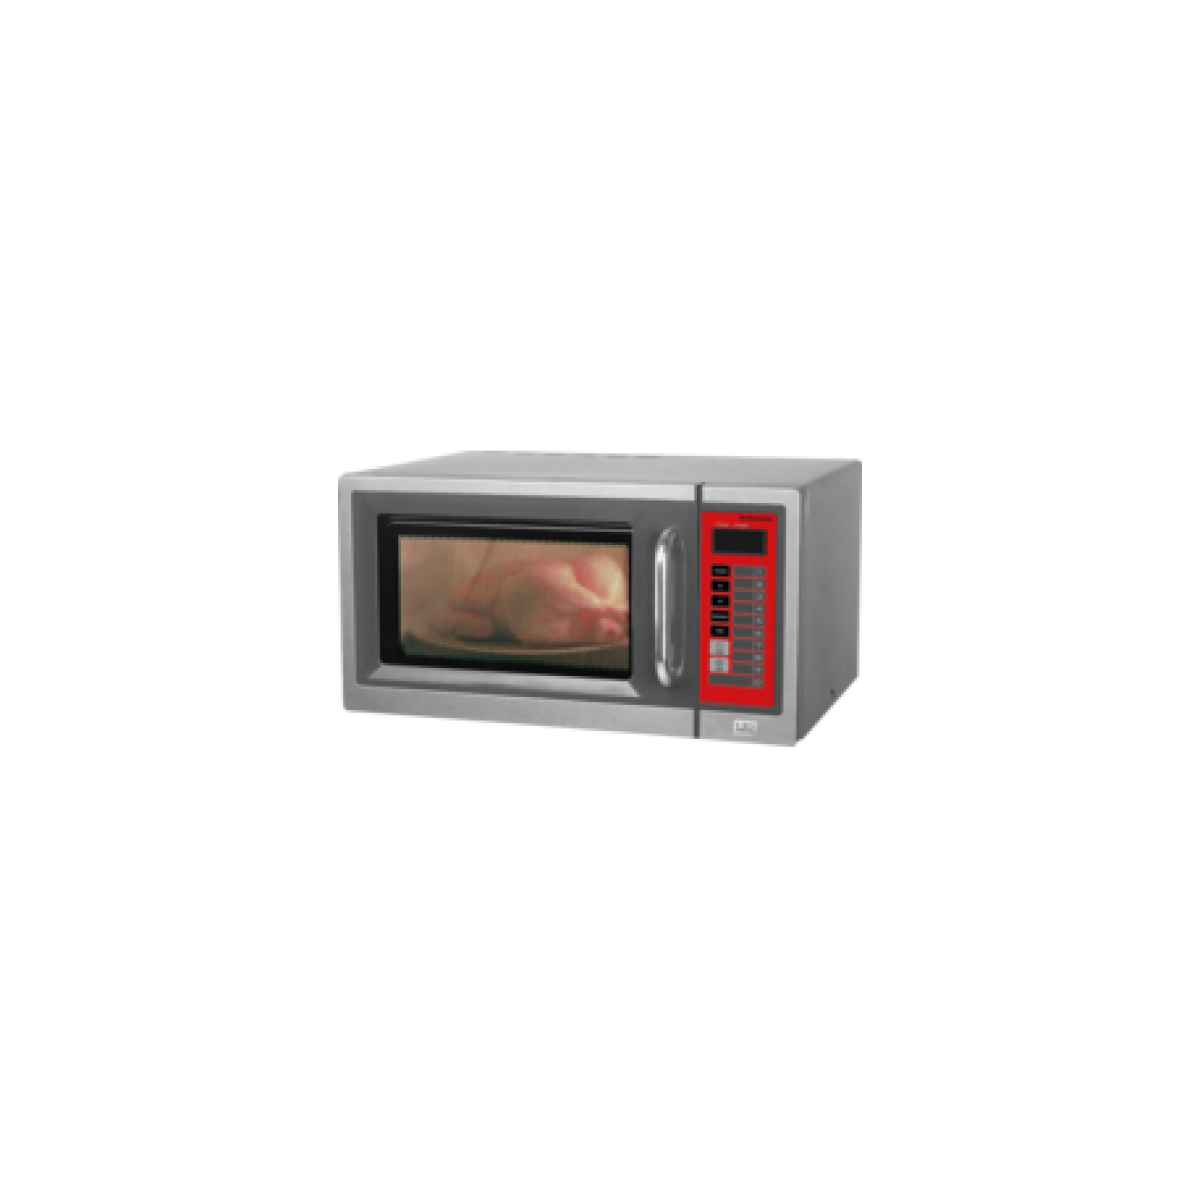 L2G Four micro-ondes professionnel - 30L 1000 W - L2G - 30 Litres